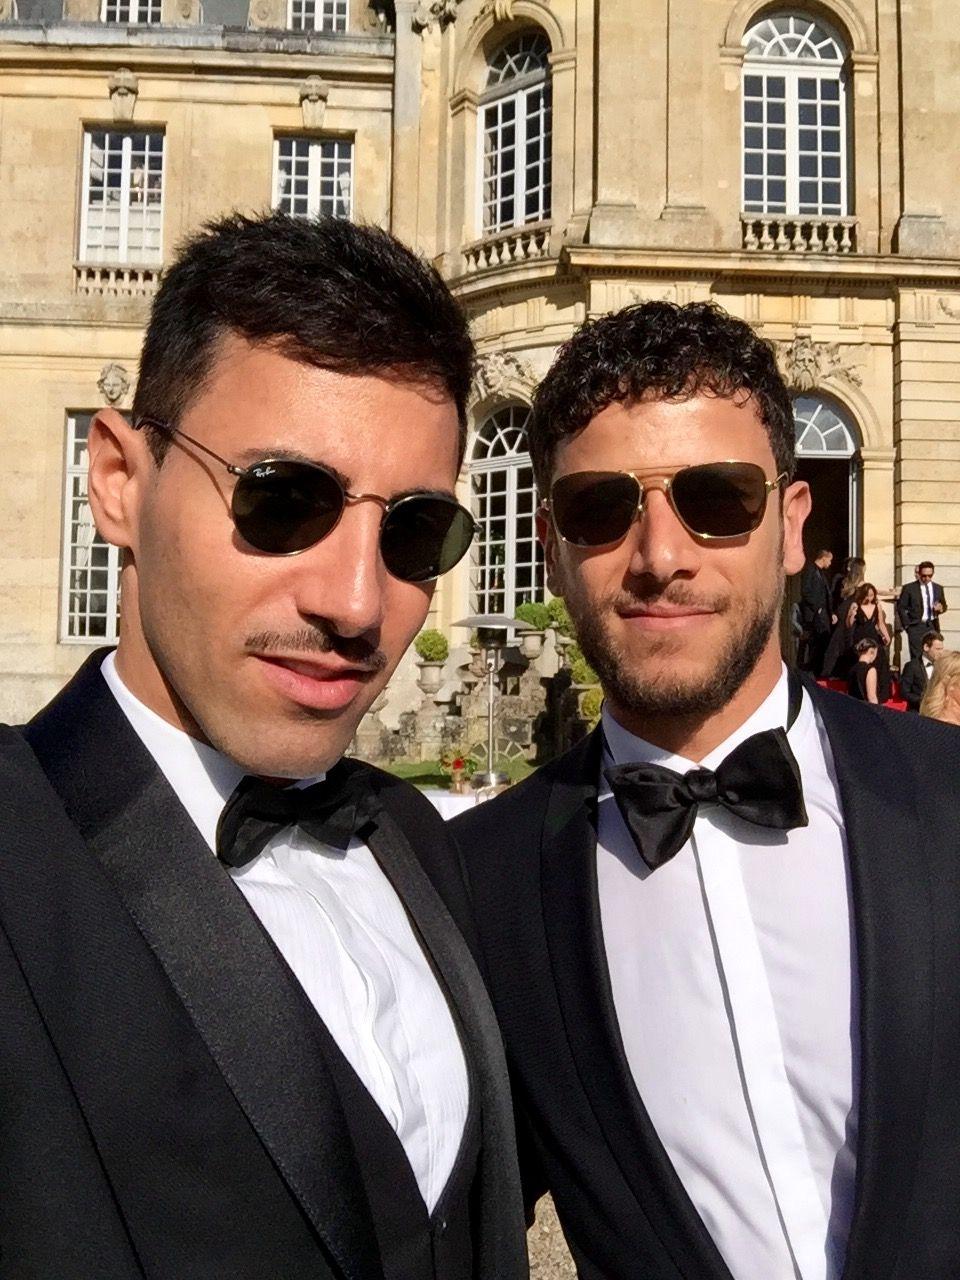 #andreeandjordan Guests Ali Selmi and Ayhan Yuruk dressed in Zegna and Tom  Ford #sunglasses